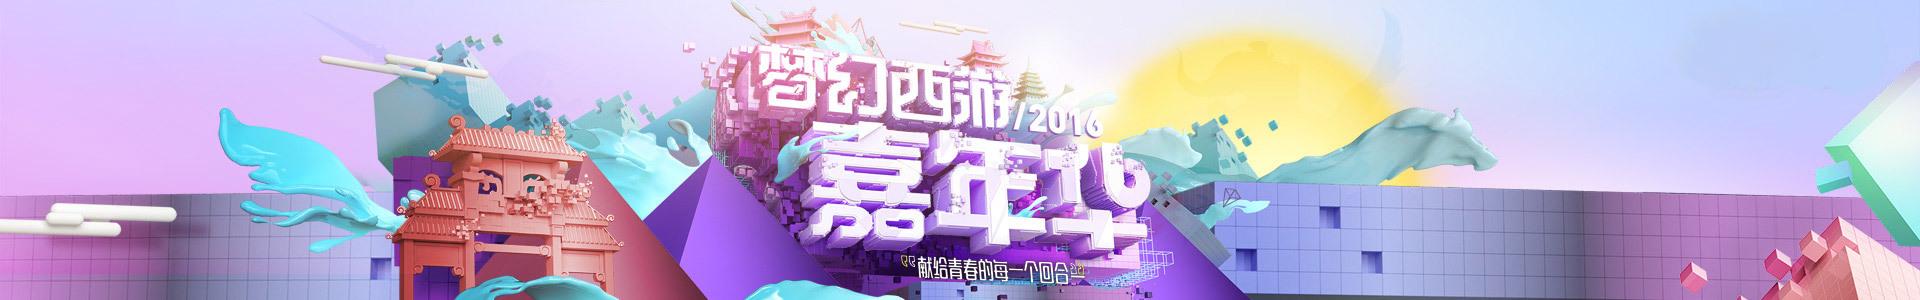 网易2016《梦幻西游》嘉年华暨品牌发布会